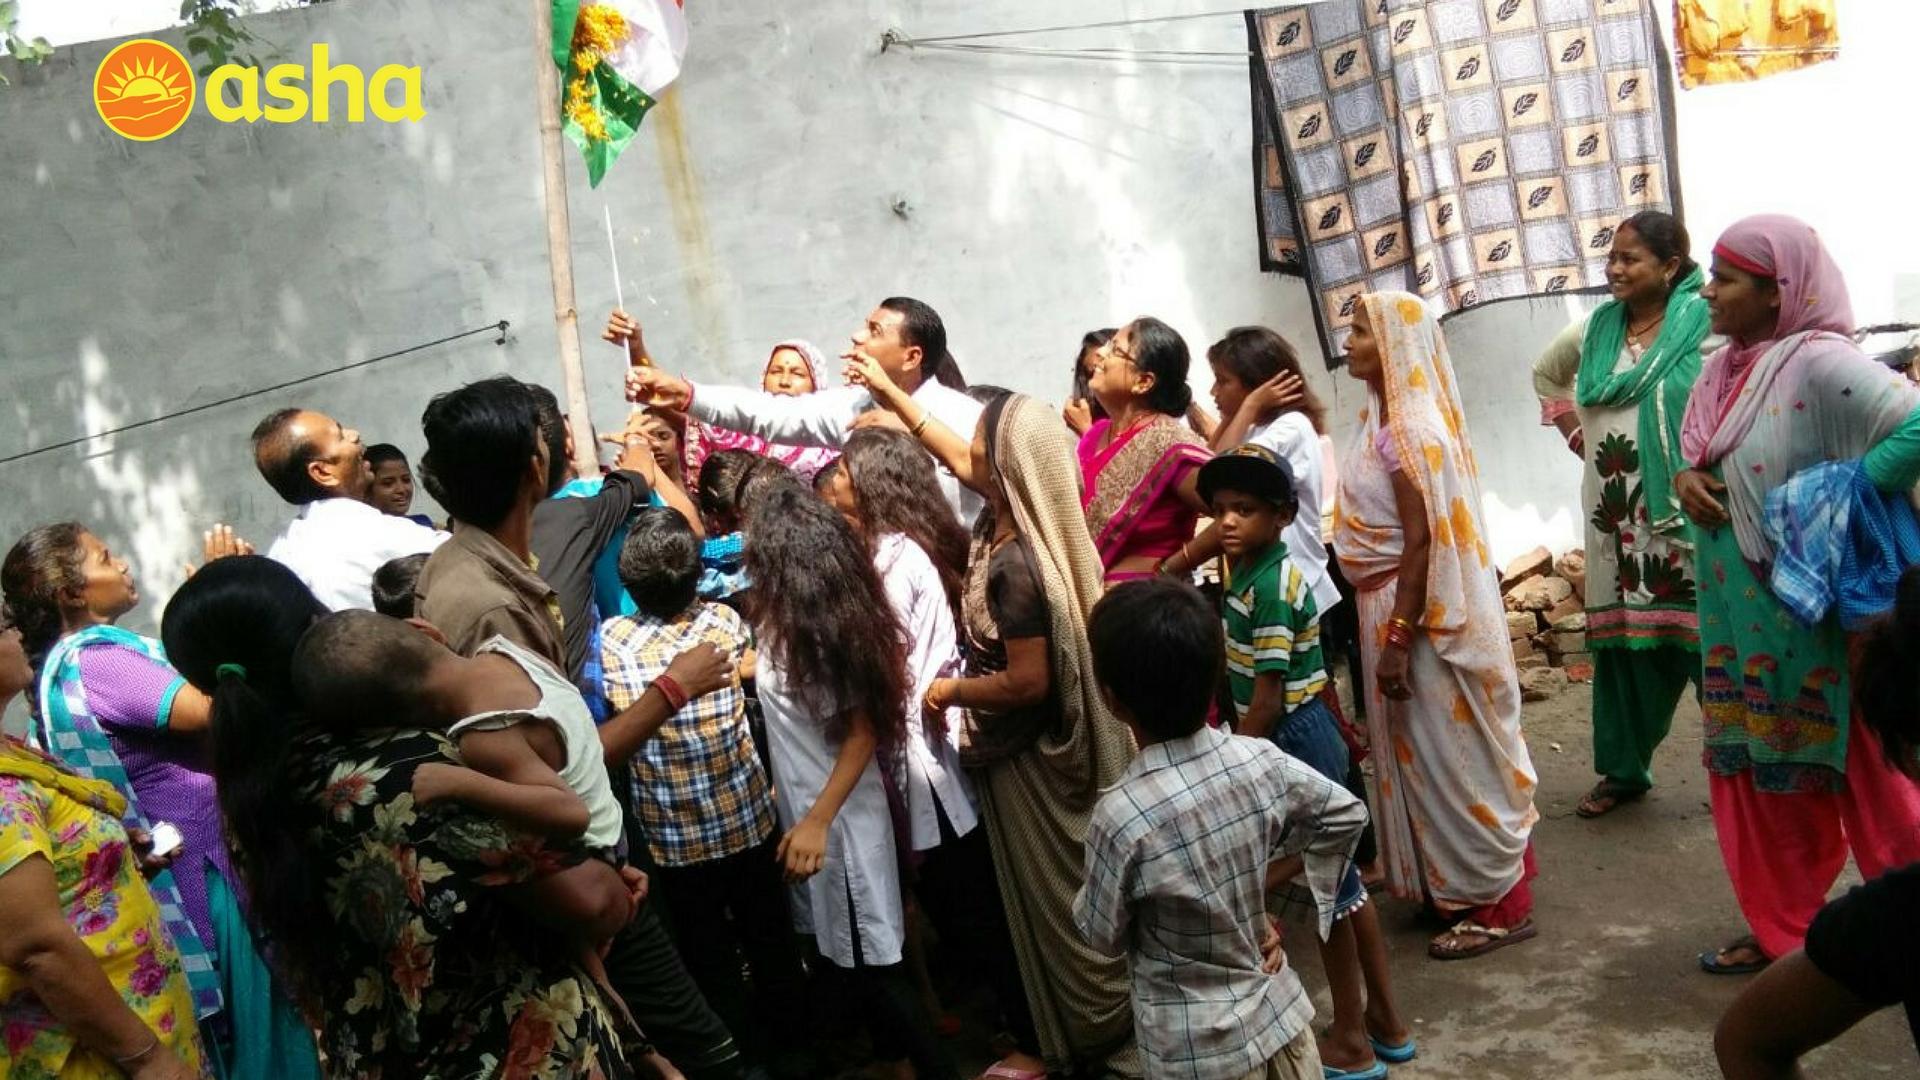 Flag hoisting at RK Puram slums (Mobile Health Van areas).